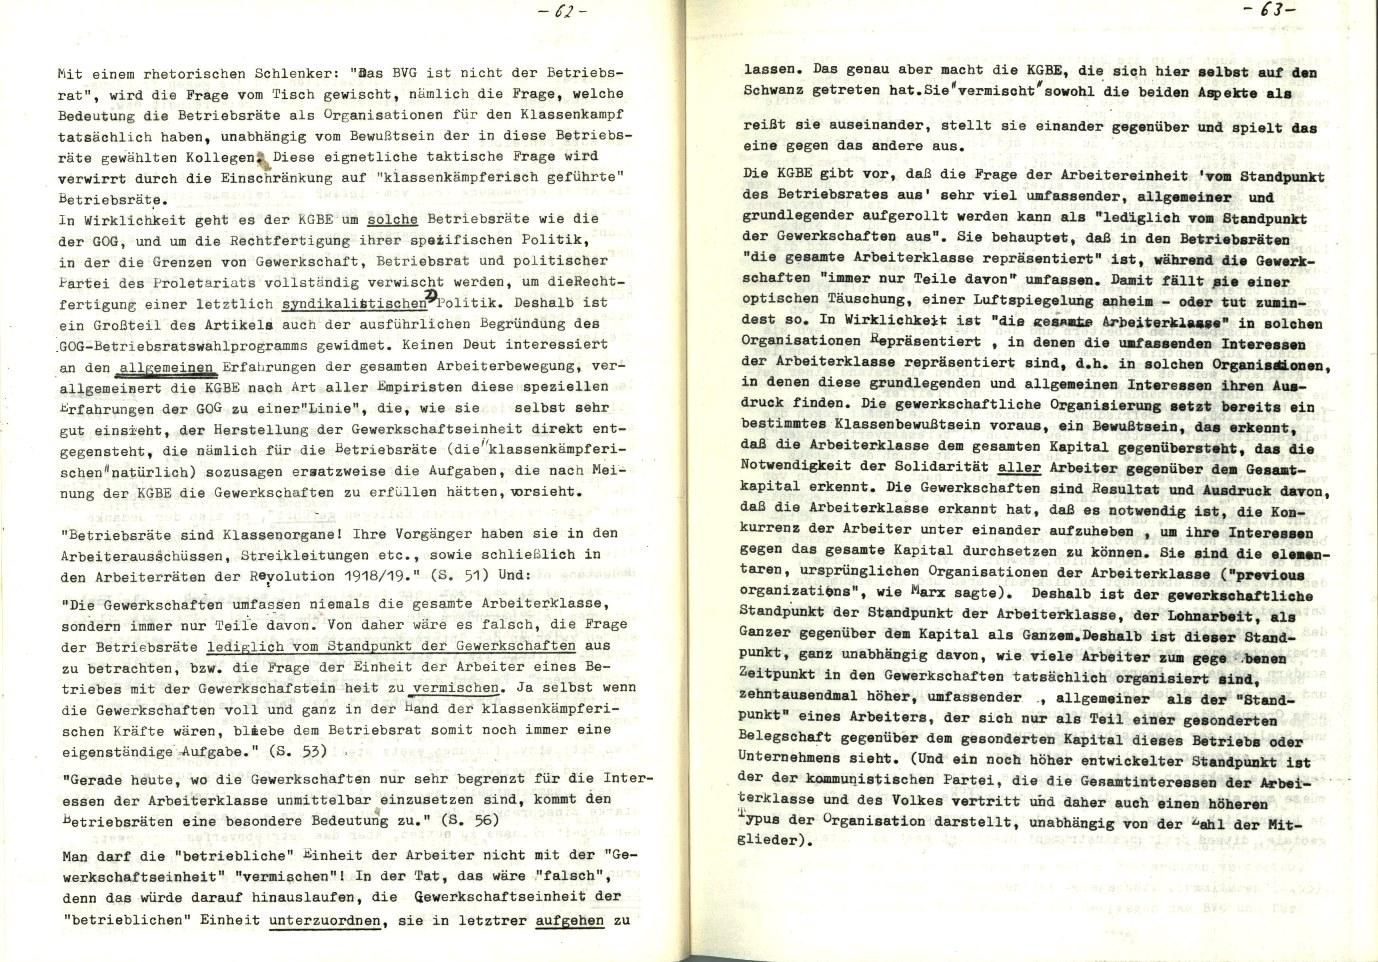 KGBE_Ehemalige_1977_Kritik_an_der_KGBE_35